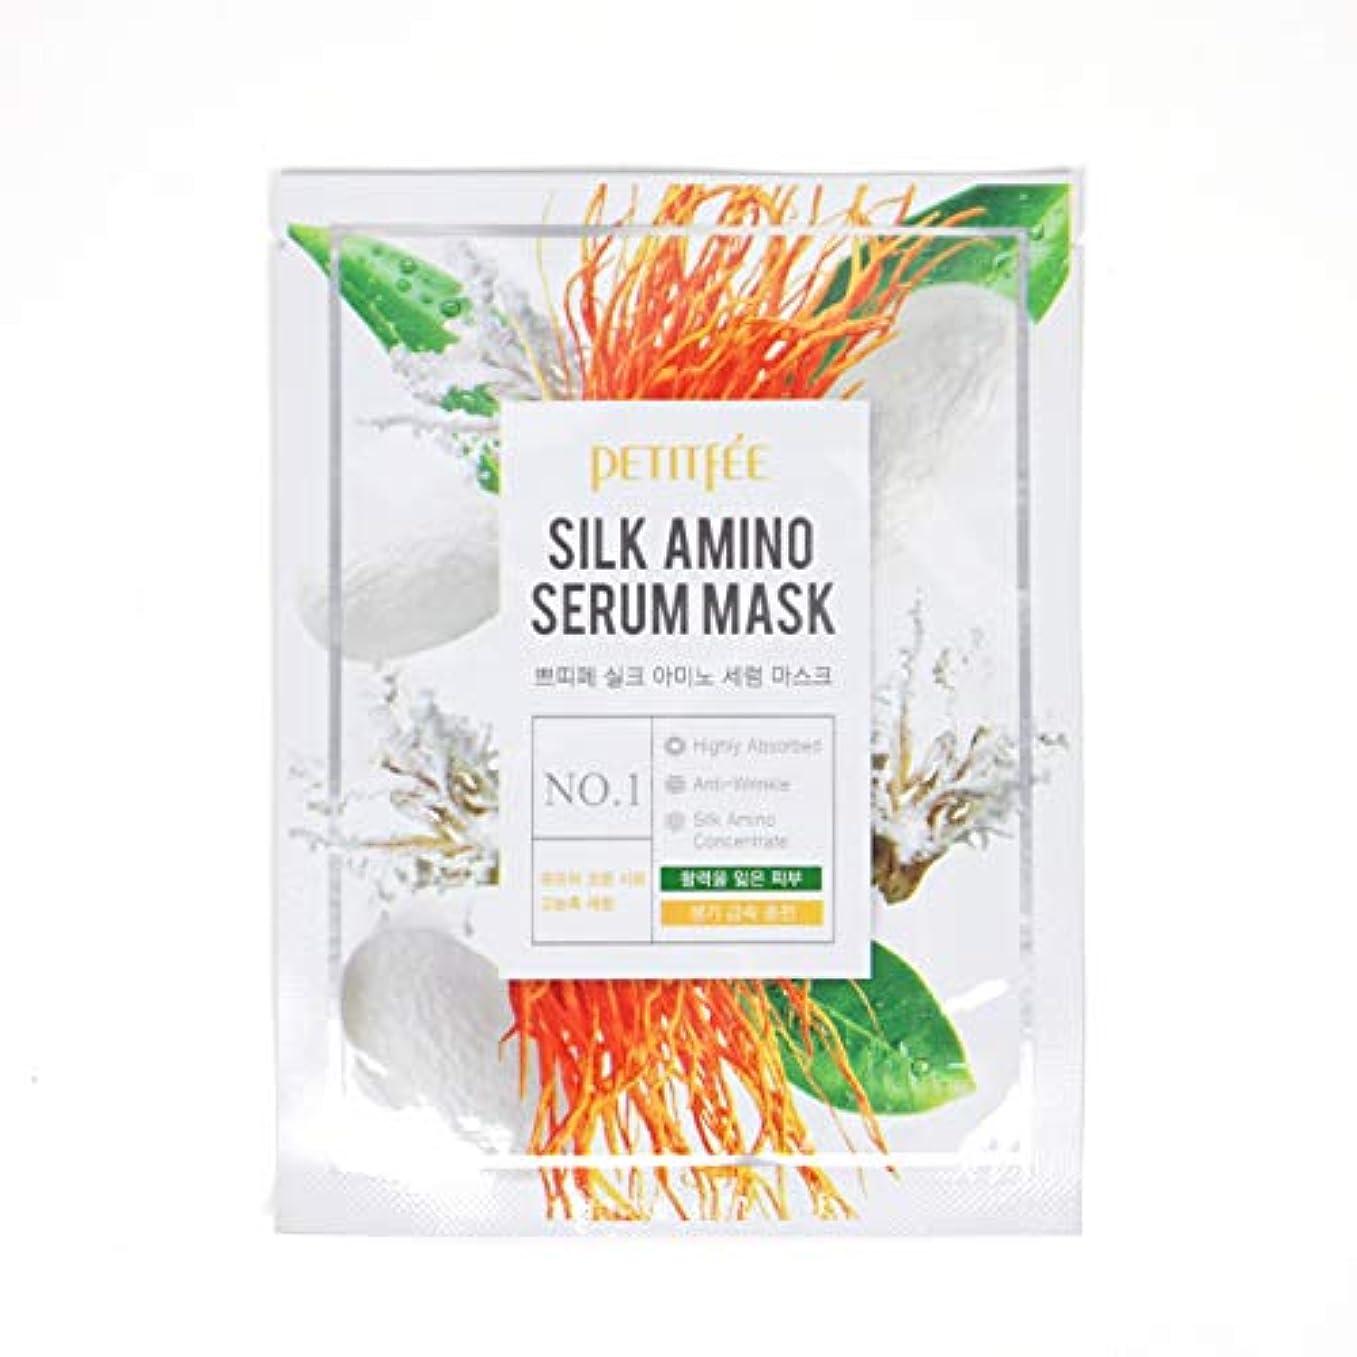 満足できる上院議員形PETITFEE (プチペ) シルクアミノセラムマスク 25gx10P (保湿) / Silk Amino Serum Mask